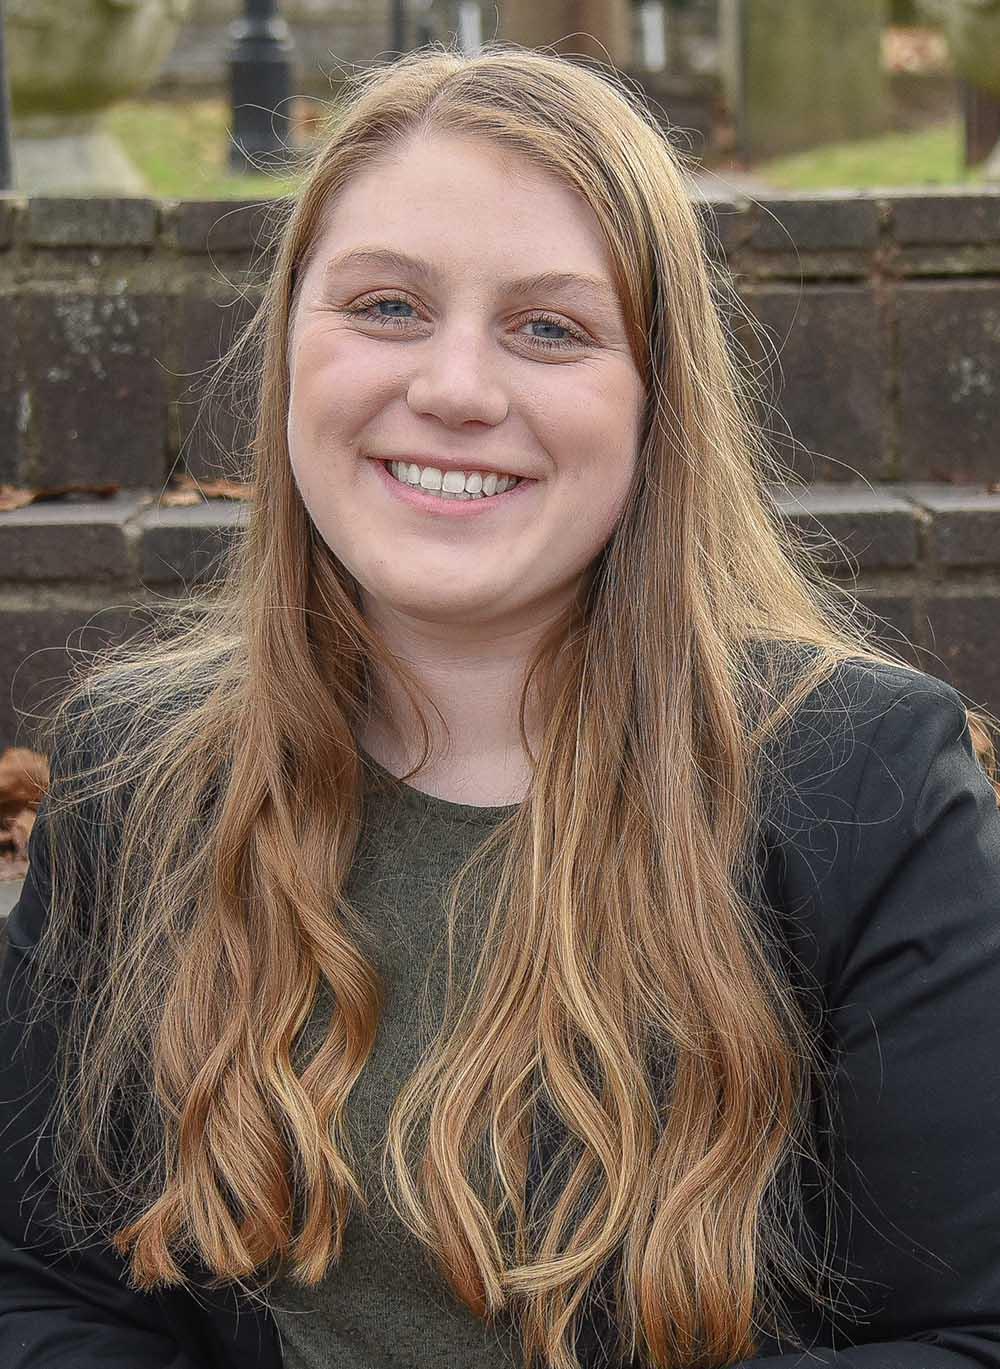 Mollie Eichenberg